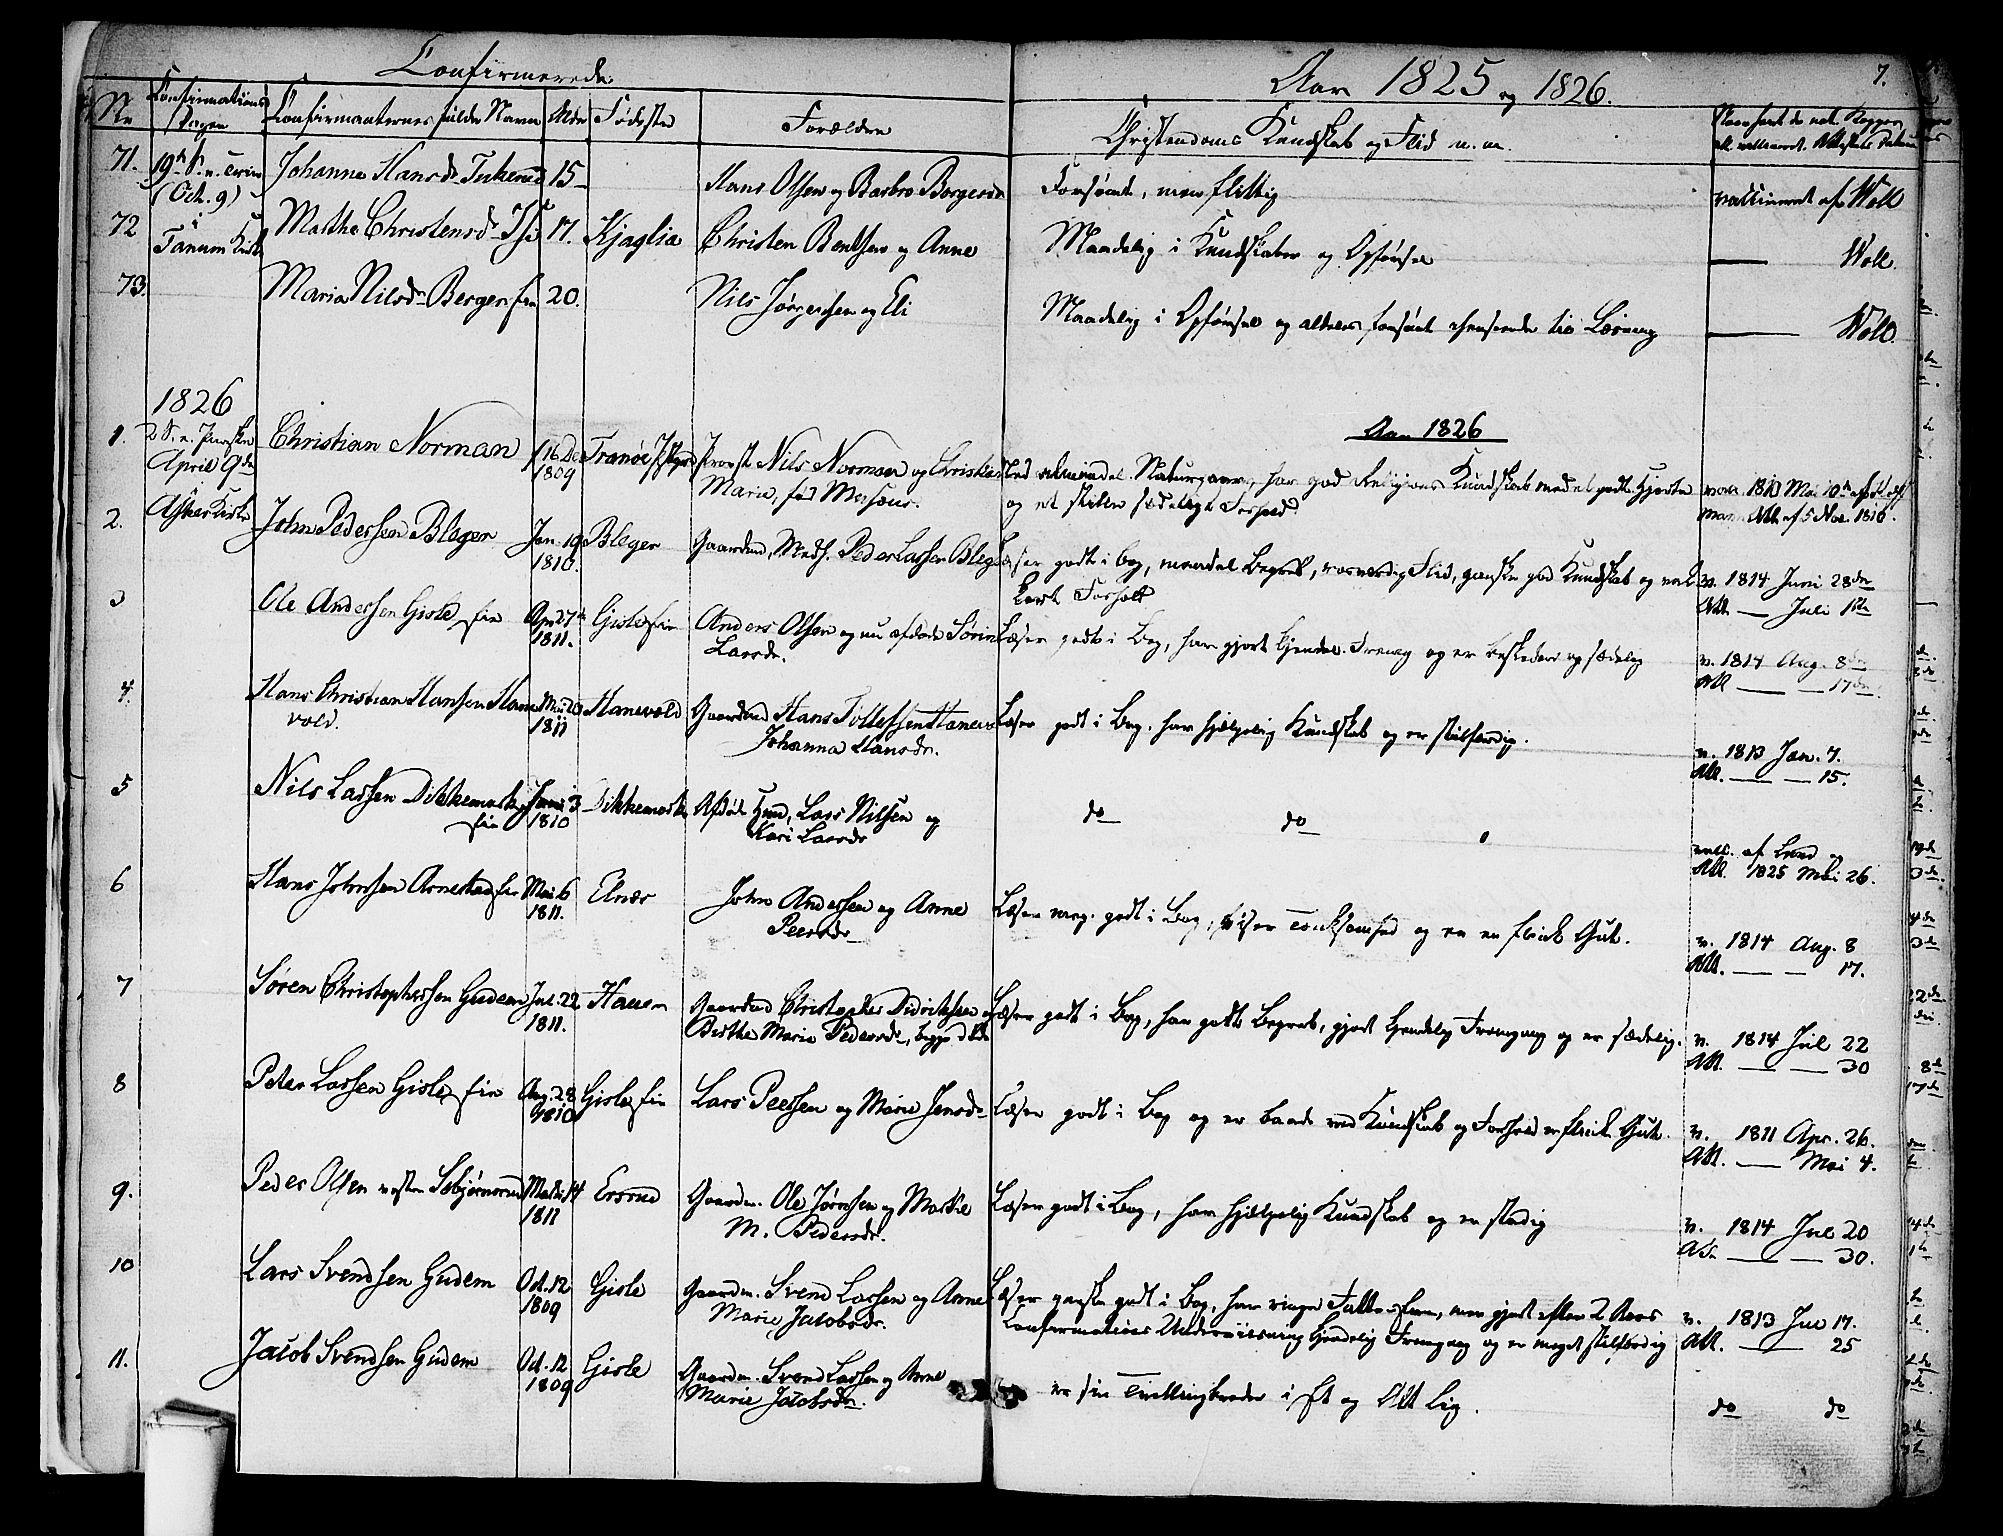 SAO, Asker prestekontor Kirkebøker, F/Fa/L0009: Ministerialbok nr. I 9, 1825-1878, s. 7